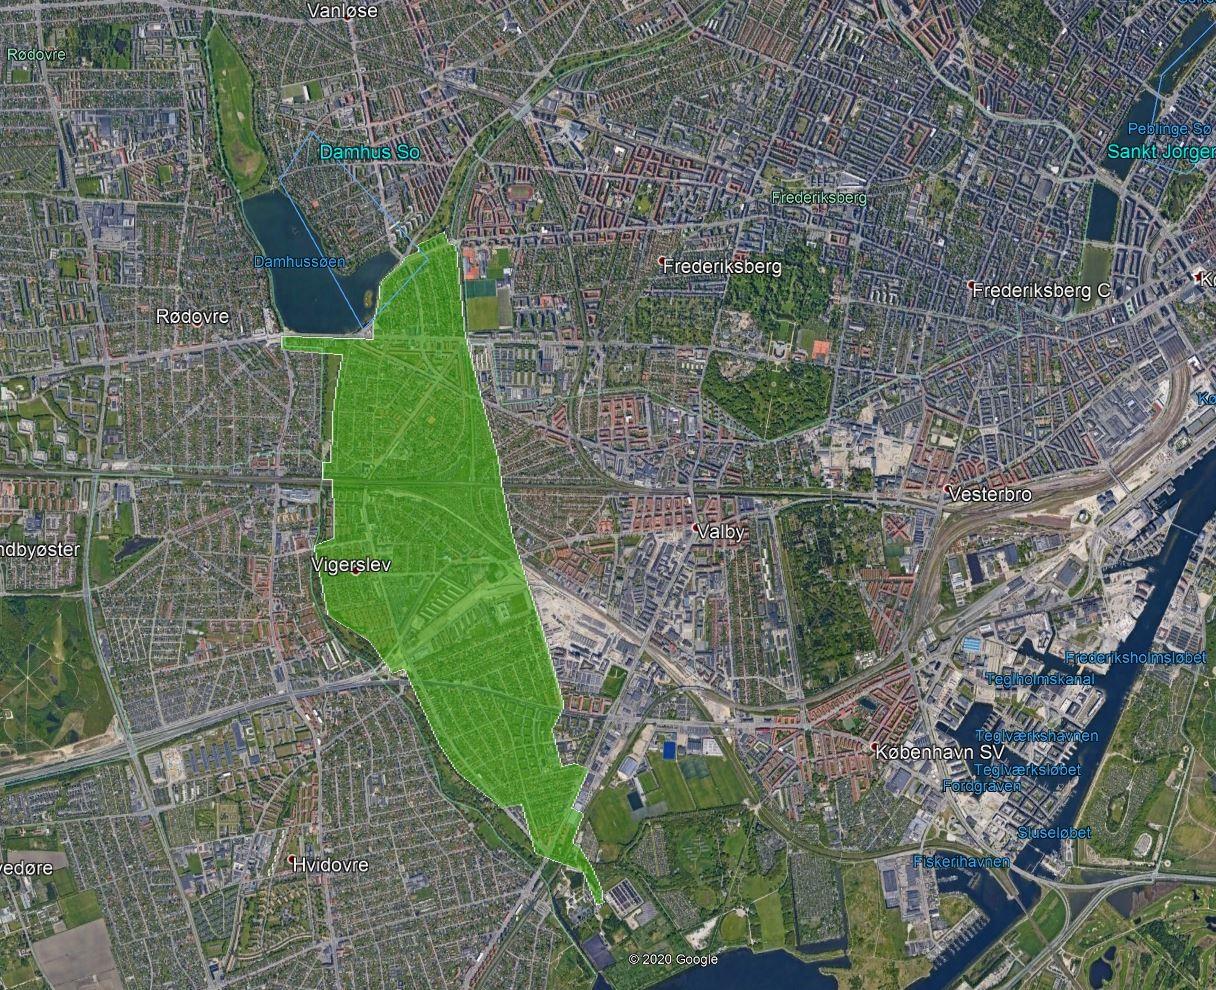 Droner lækagejagt København